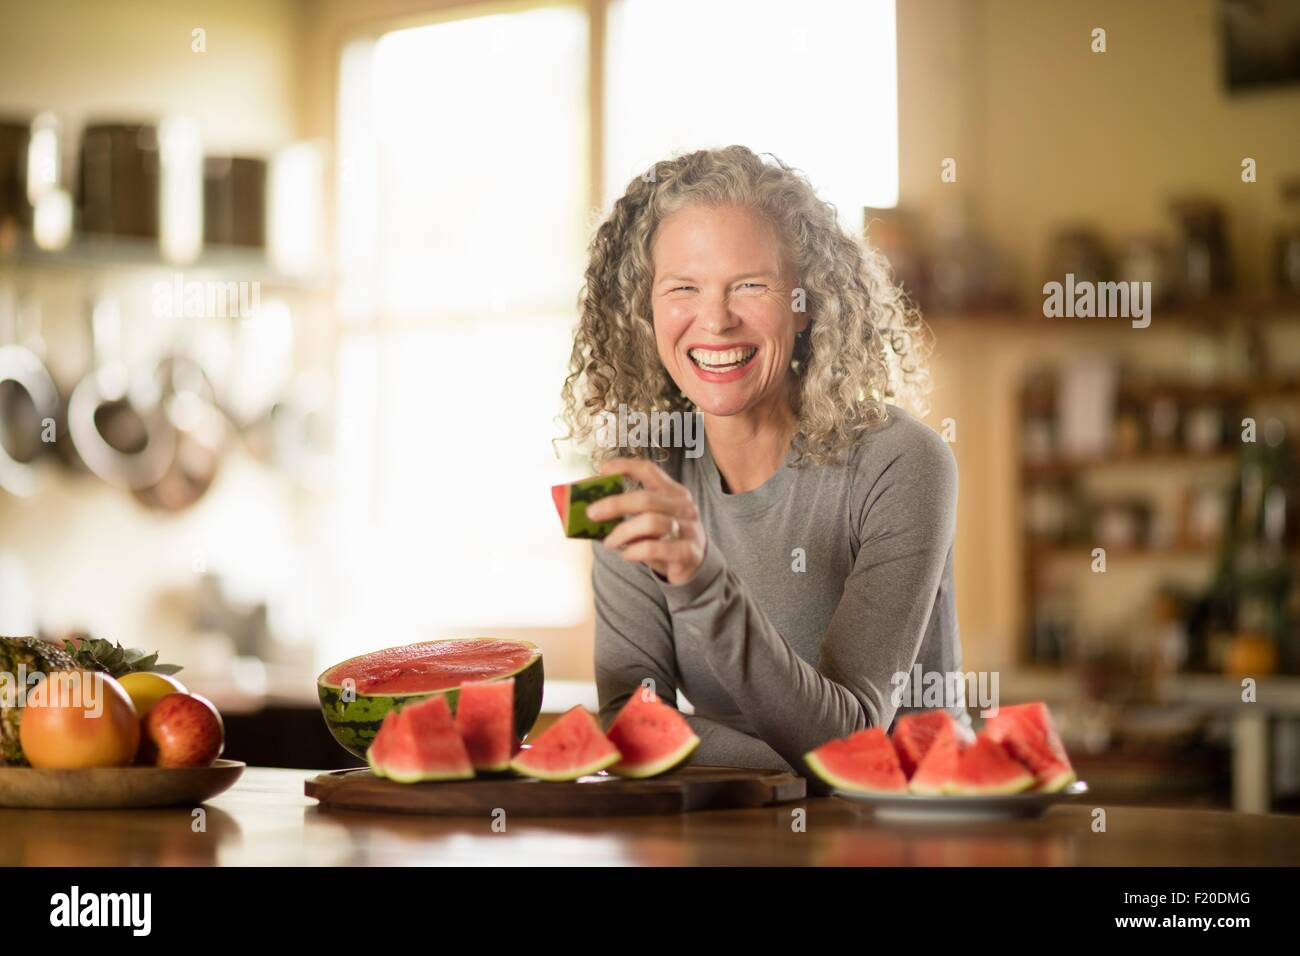 Retrato de mujer madura comiendo sandía en la cocina Imagen De Stock